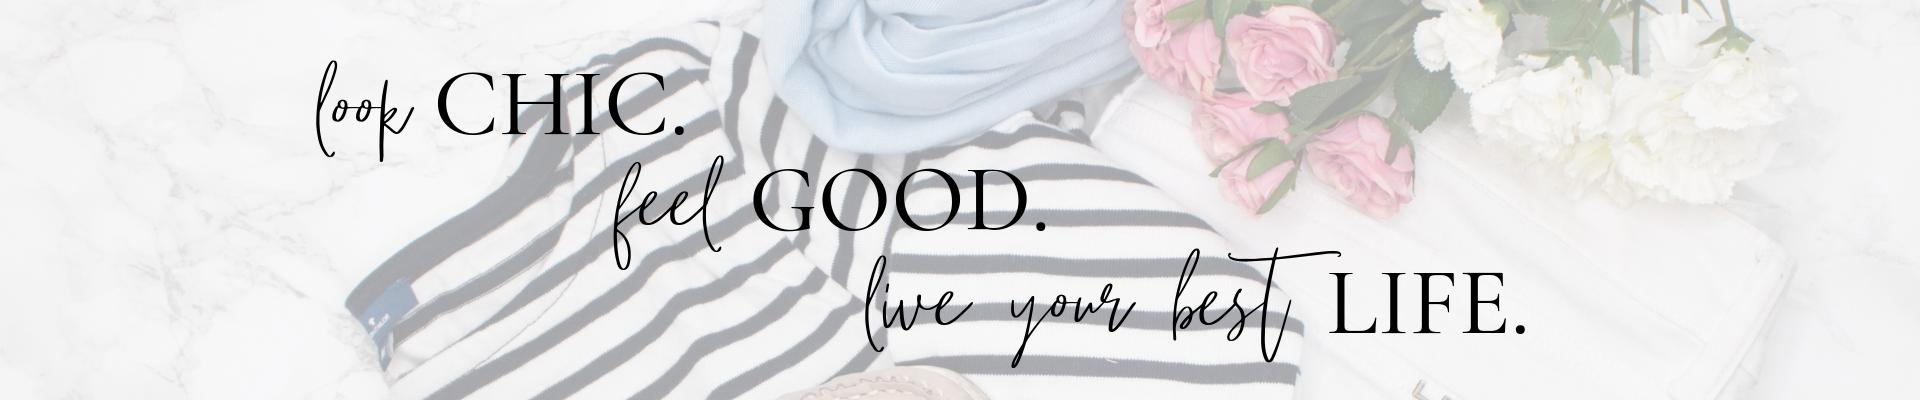 Bild mit Flatlay, darüber der Text: Look chic. Feel good. Live your best life.